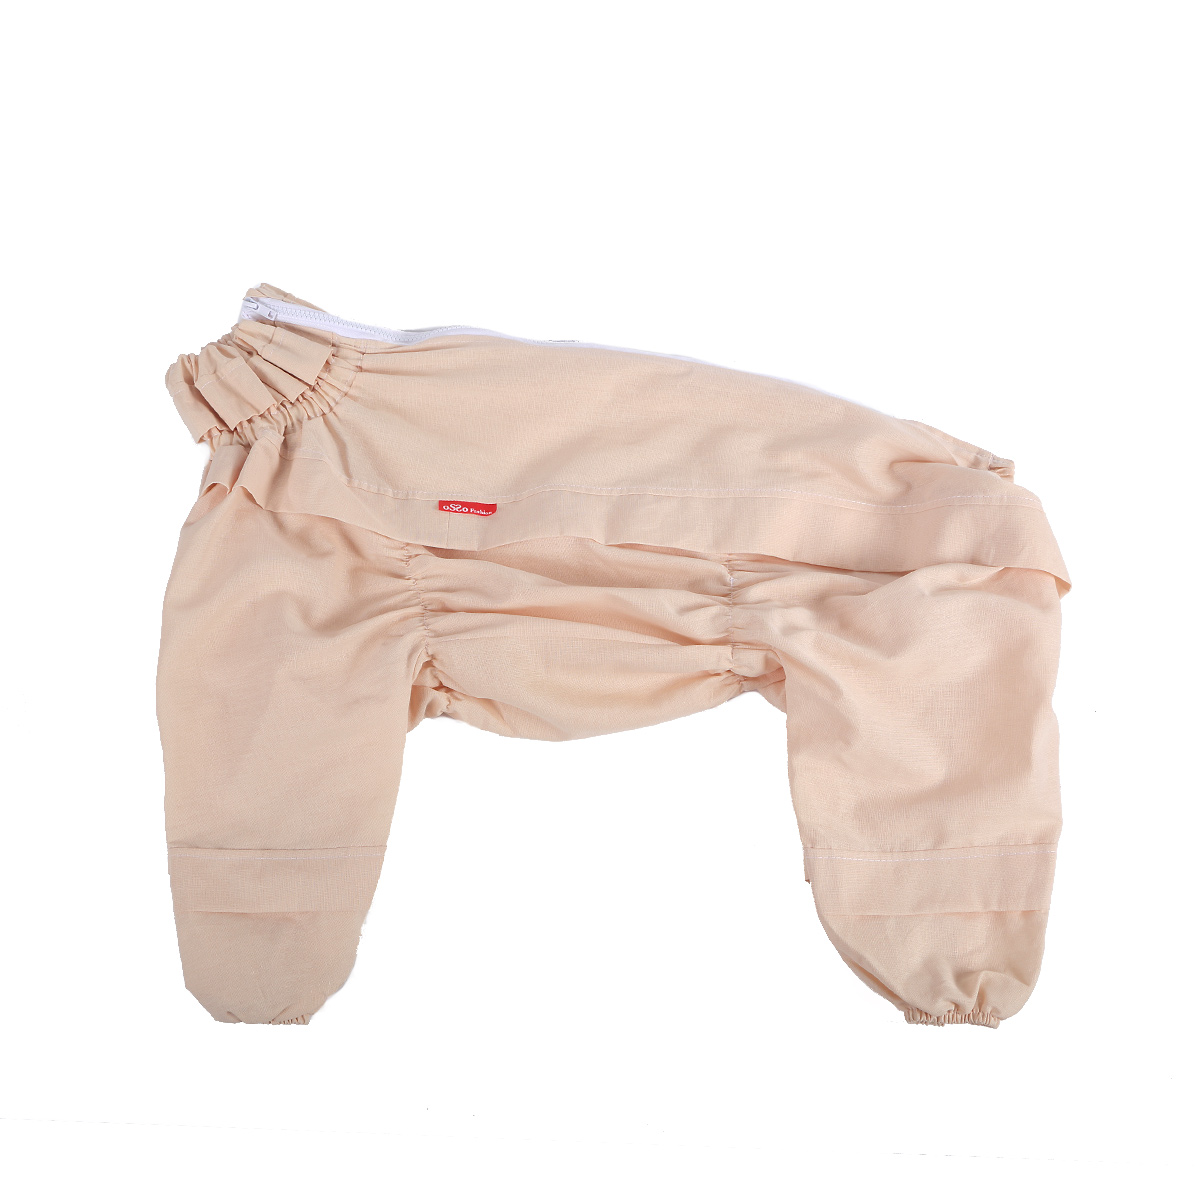 Комбинезон для собак OSSO Fashion, от клещей, для мальчика, цвет: бежевый. Размер 35Кк-1024Комбинезон для собак OSSO Fashion изготовлен из 100% хлопка, имеет светлую расцветку, на которой сразу будут заметны кровососущие насекомые. Комбинезон предназначен для защиты собак во время прогулок по парку и лесу. Разработан с учетом особенностей поведения клещей. На комбинезоне имеются складки-ловушки на груди, на штанинах, на боках комбинезона и на шее, которые преграждают движение насекомого вверх. Комбинезон очень легкий и удобный. Низ штанин на резинке, на спине застегивается на молнию.Длина спинки: 35 см.Объем груди: 46-56 см.